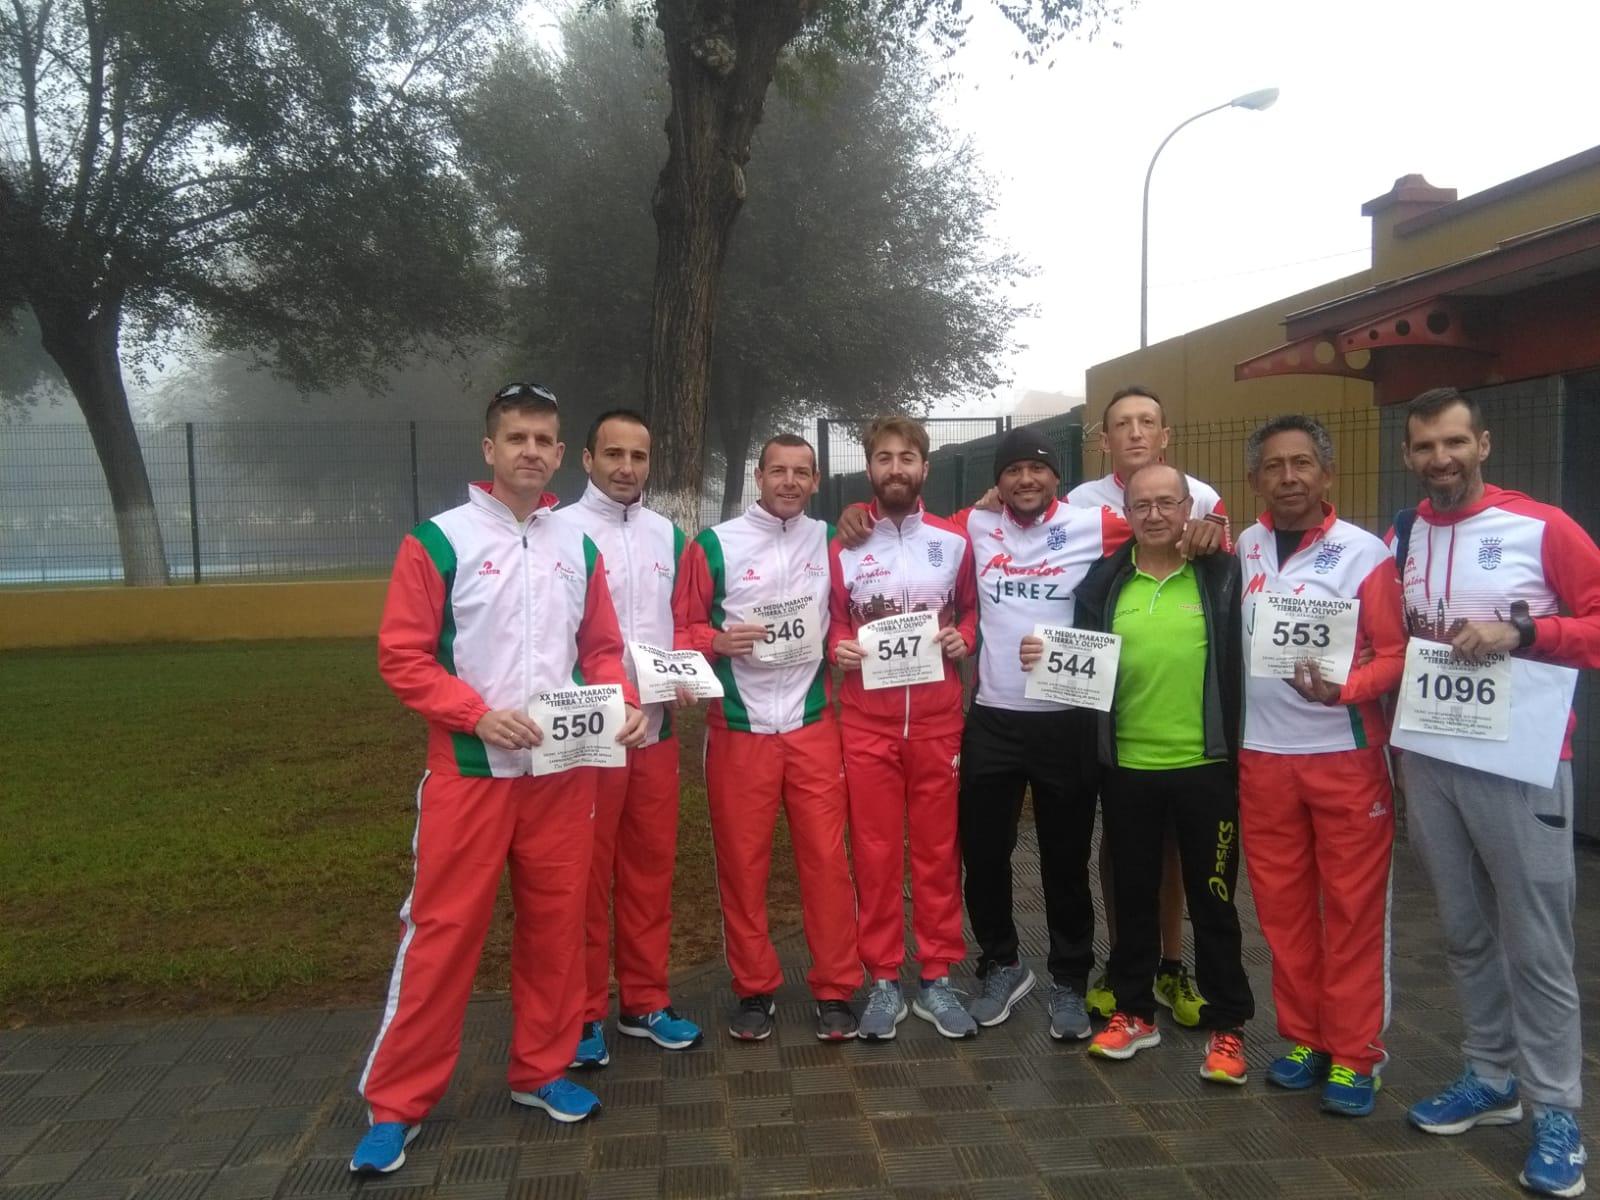 Este domingo estuvimos compitiendo en la «XX Media Maratón Tierra y Olivo» y en el «XXXIV Cross del Aceite»